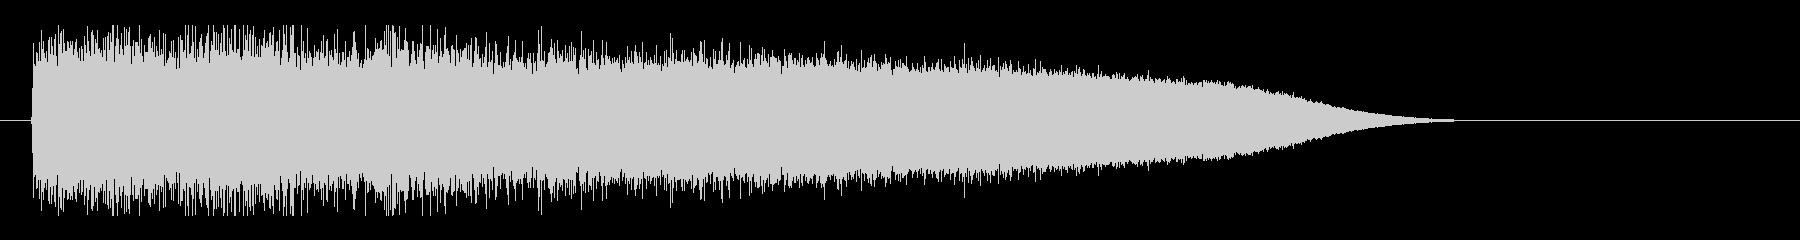 レーザー音-87-3の未再生の波形